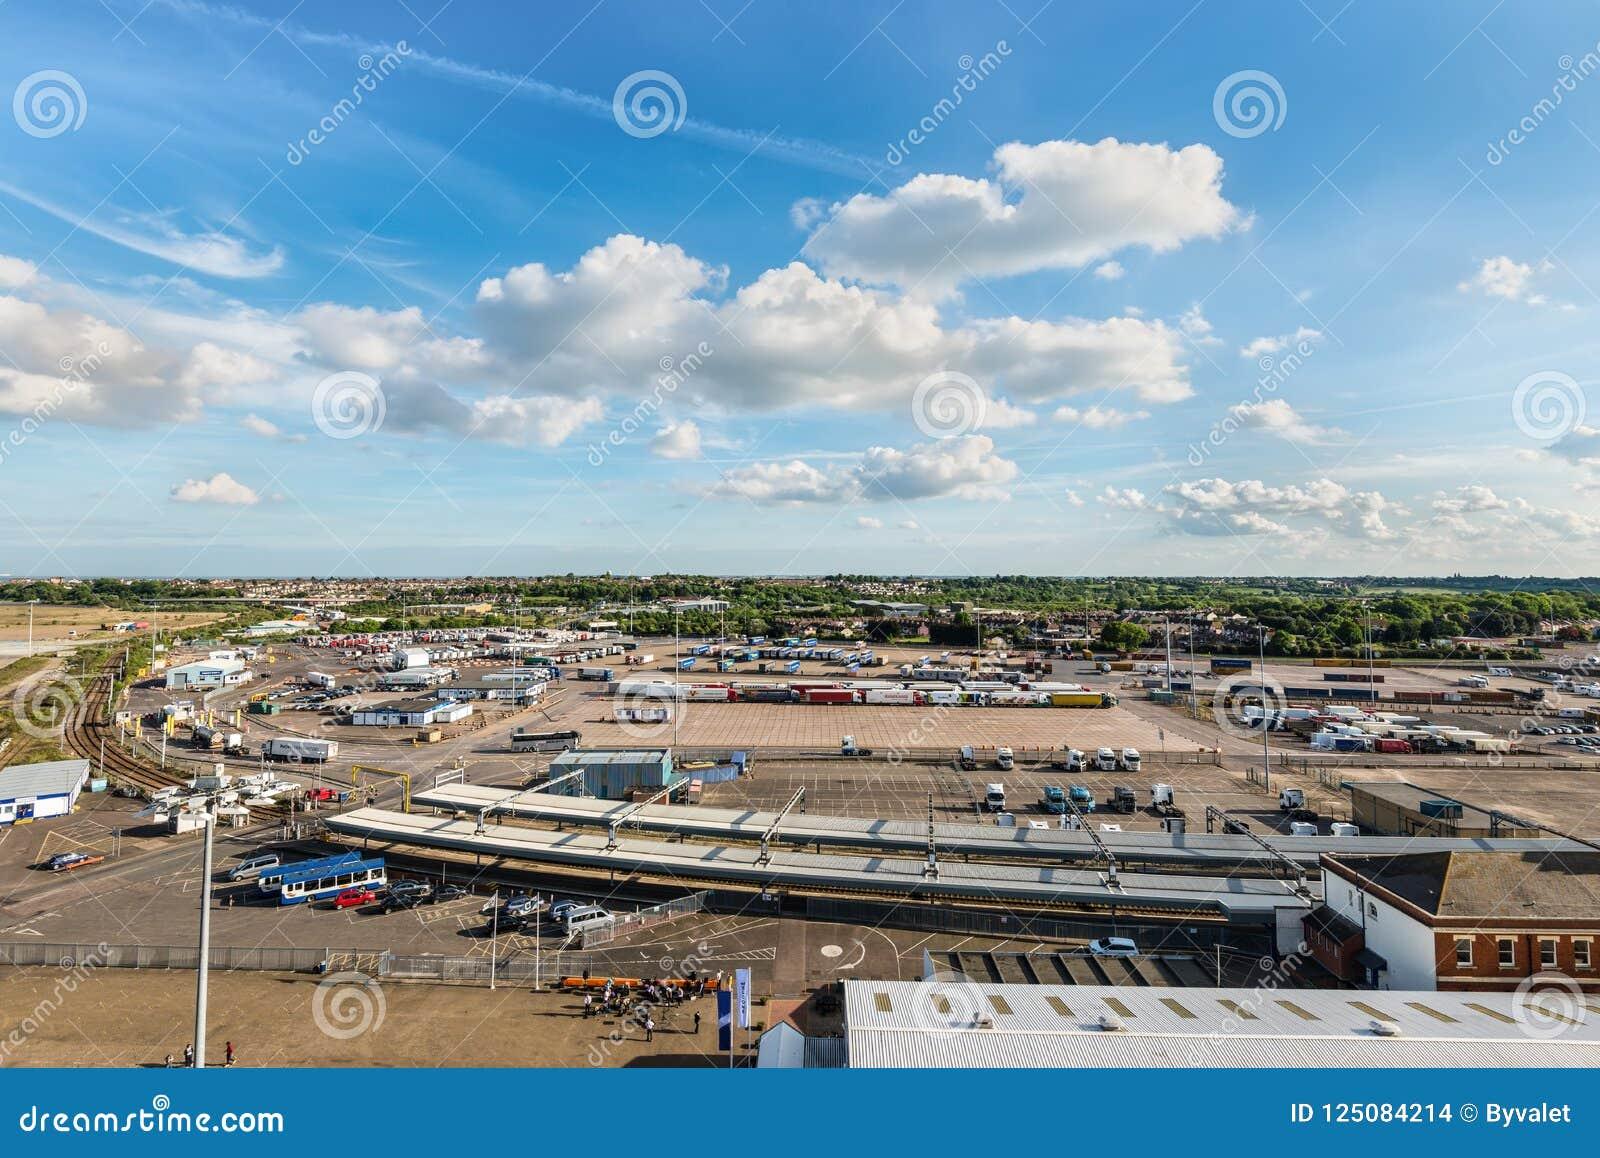 Harwich,艾塞克斯,英国,英国港